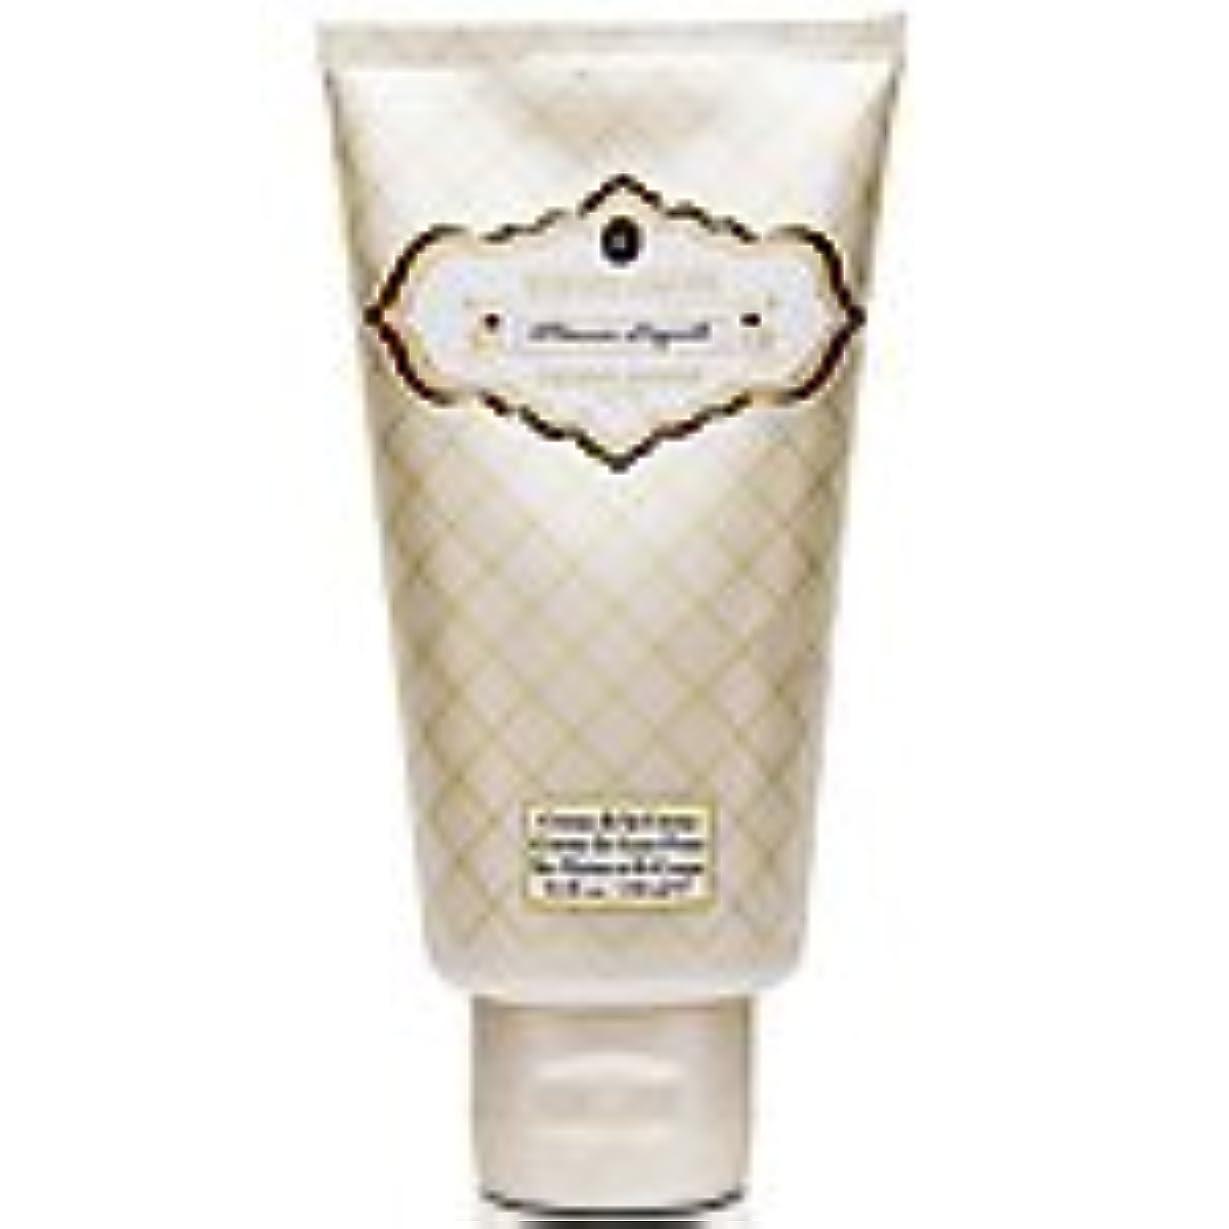 キャンパス苦味コントローラMemoire Liquide Reserve - Vacances Liquide (メモワールリキッドリザーブ - バカンスリキッド) 5.1 oz oz (153ml) Body Cream for Unisex